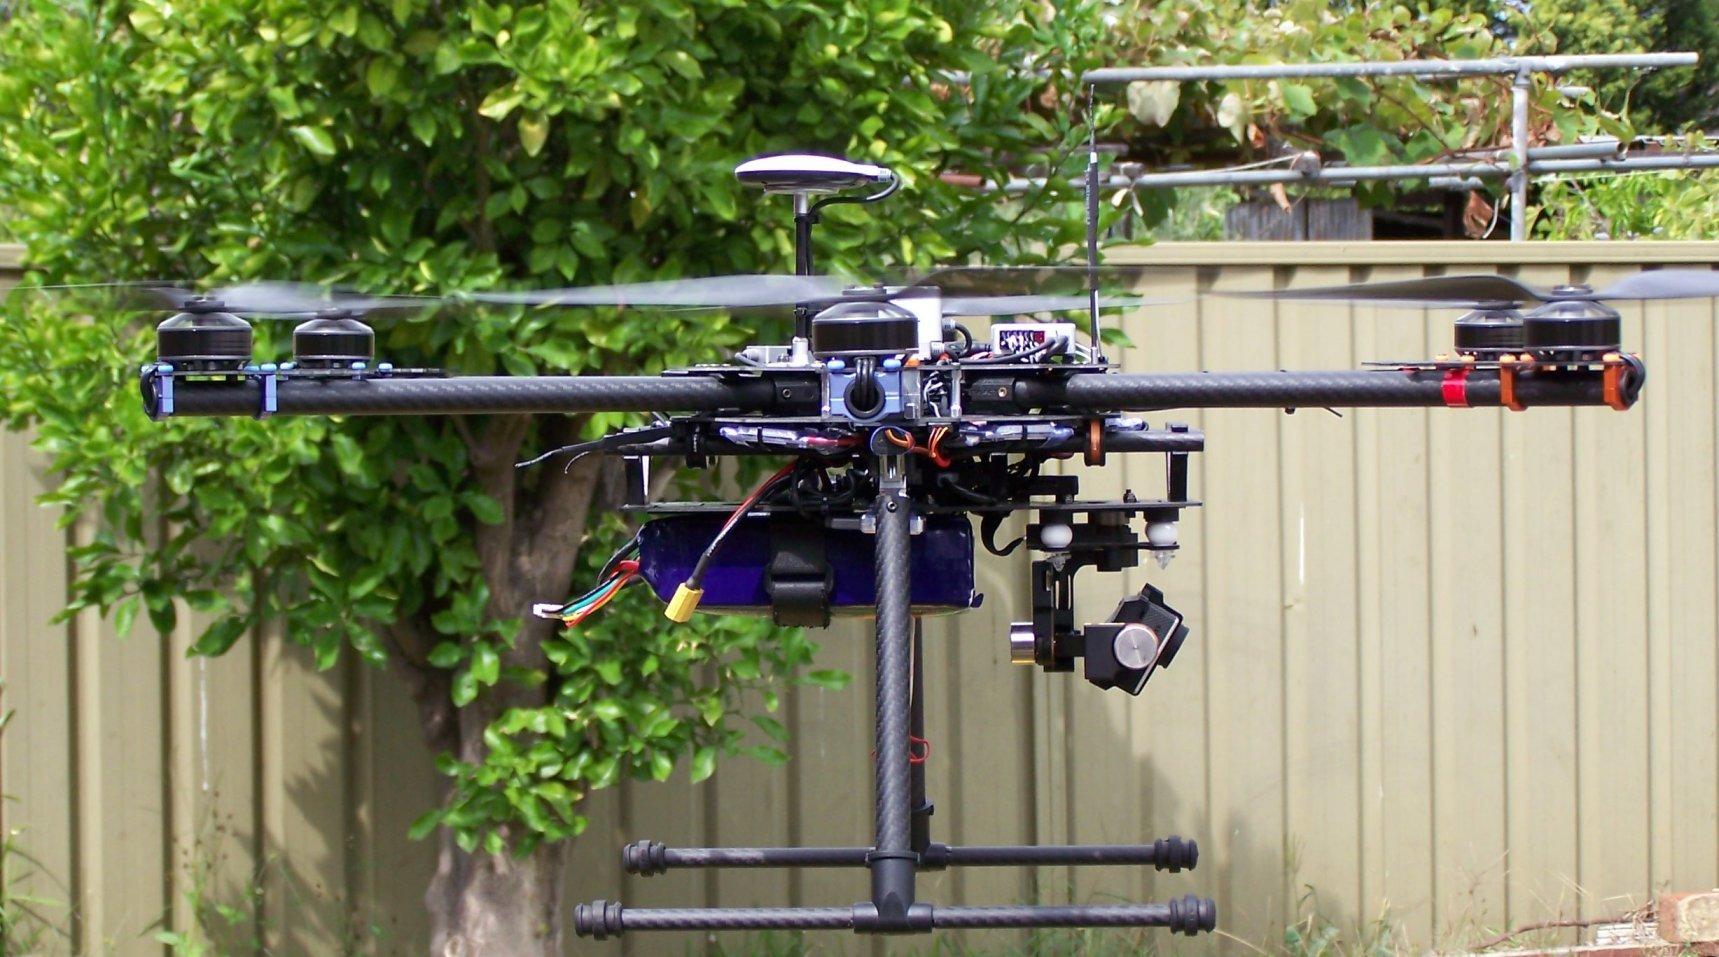 Tarot 680 Hexacopter - 3s.jpg